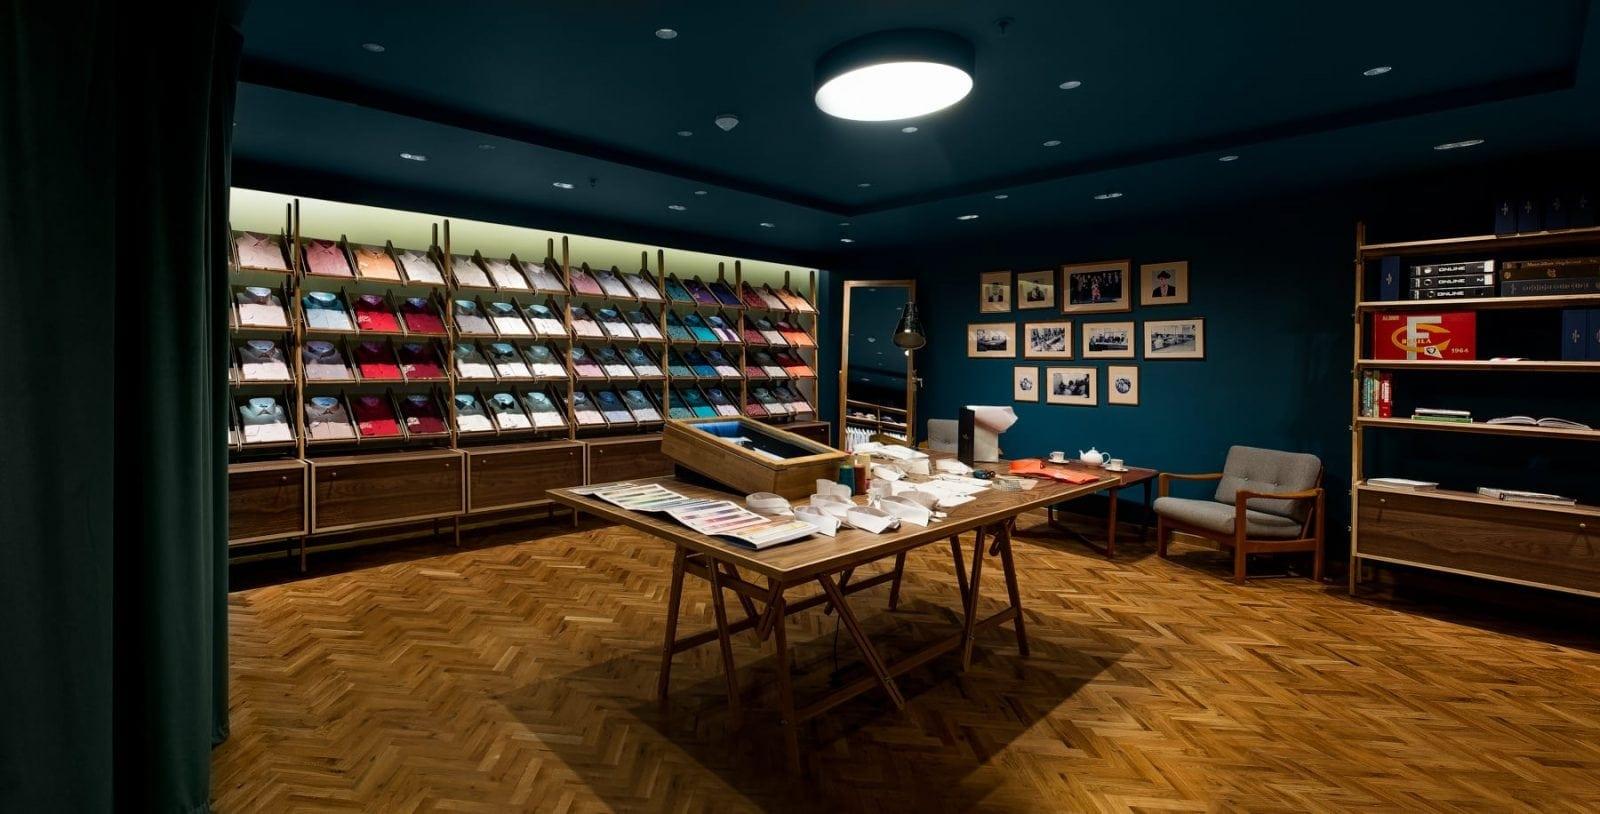 1 - Braiconf, în cadrul galeriilor comerciale The Grand Avenue din JW Marriott